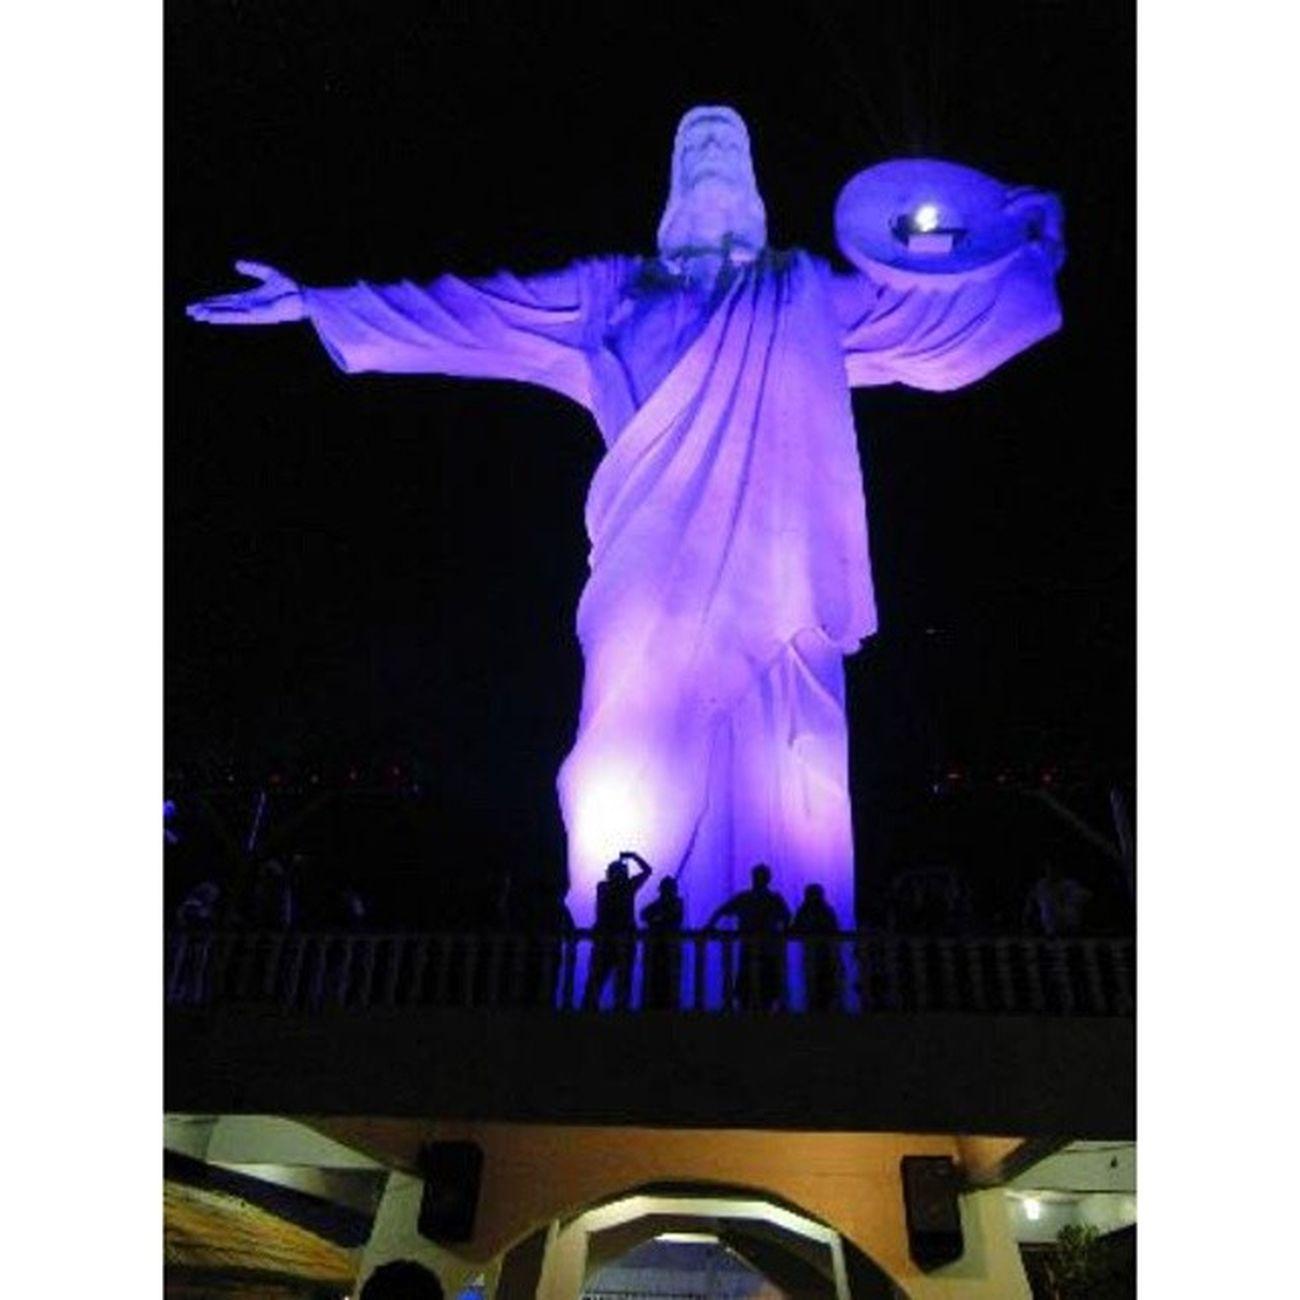 MAÑANAAAAAA 1daytogo Brasil2013